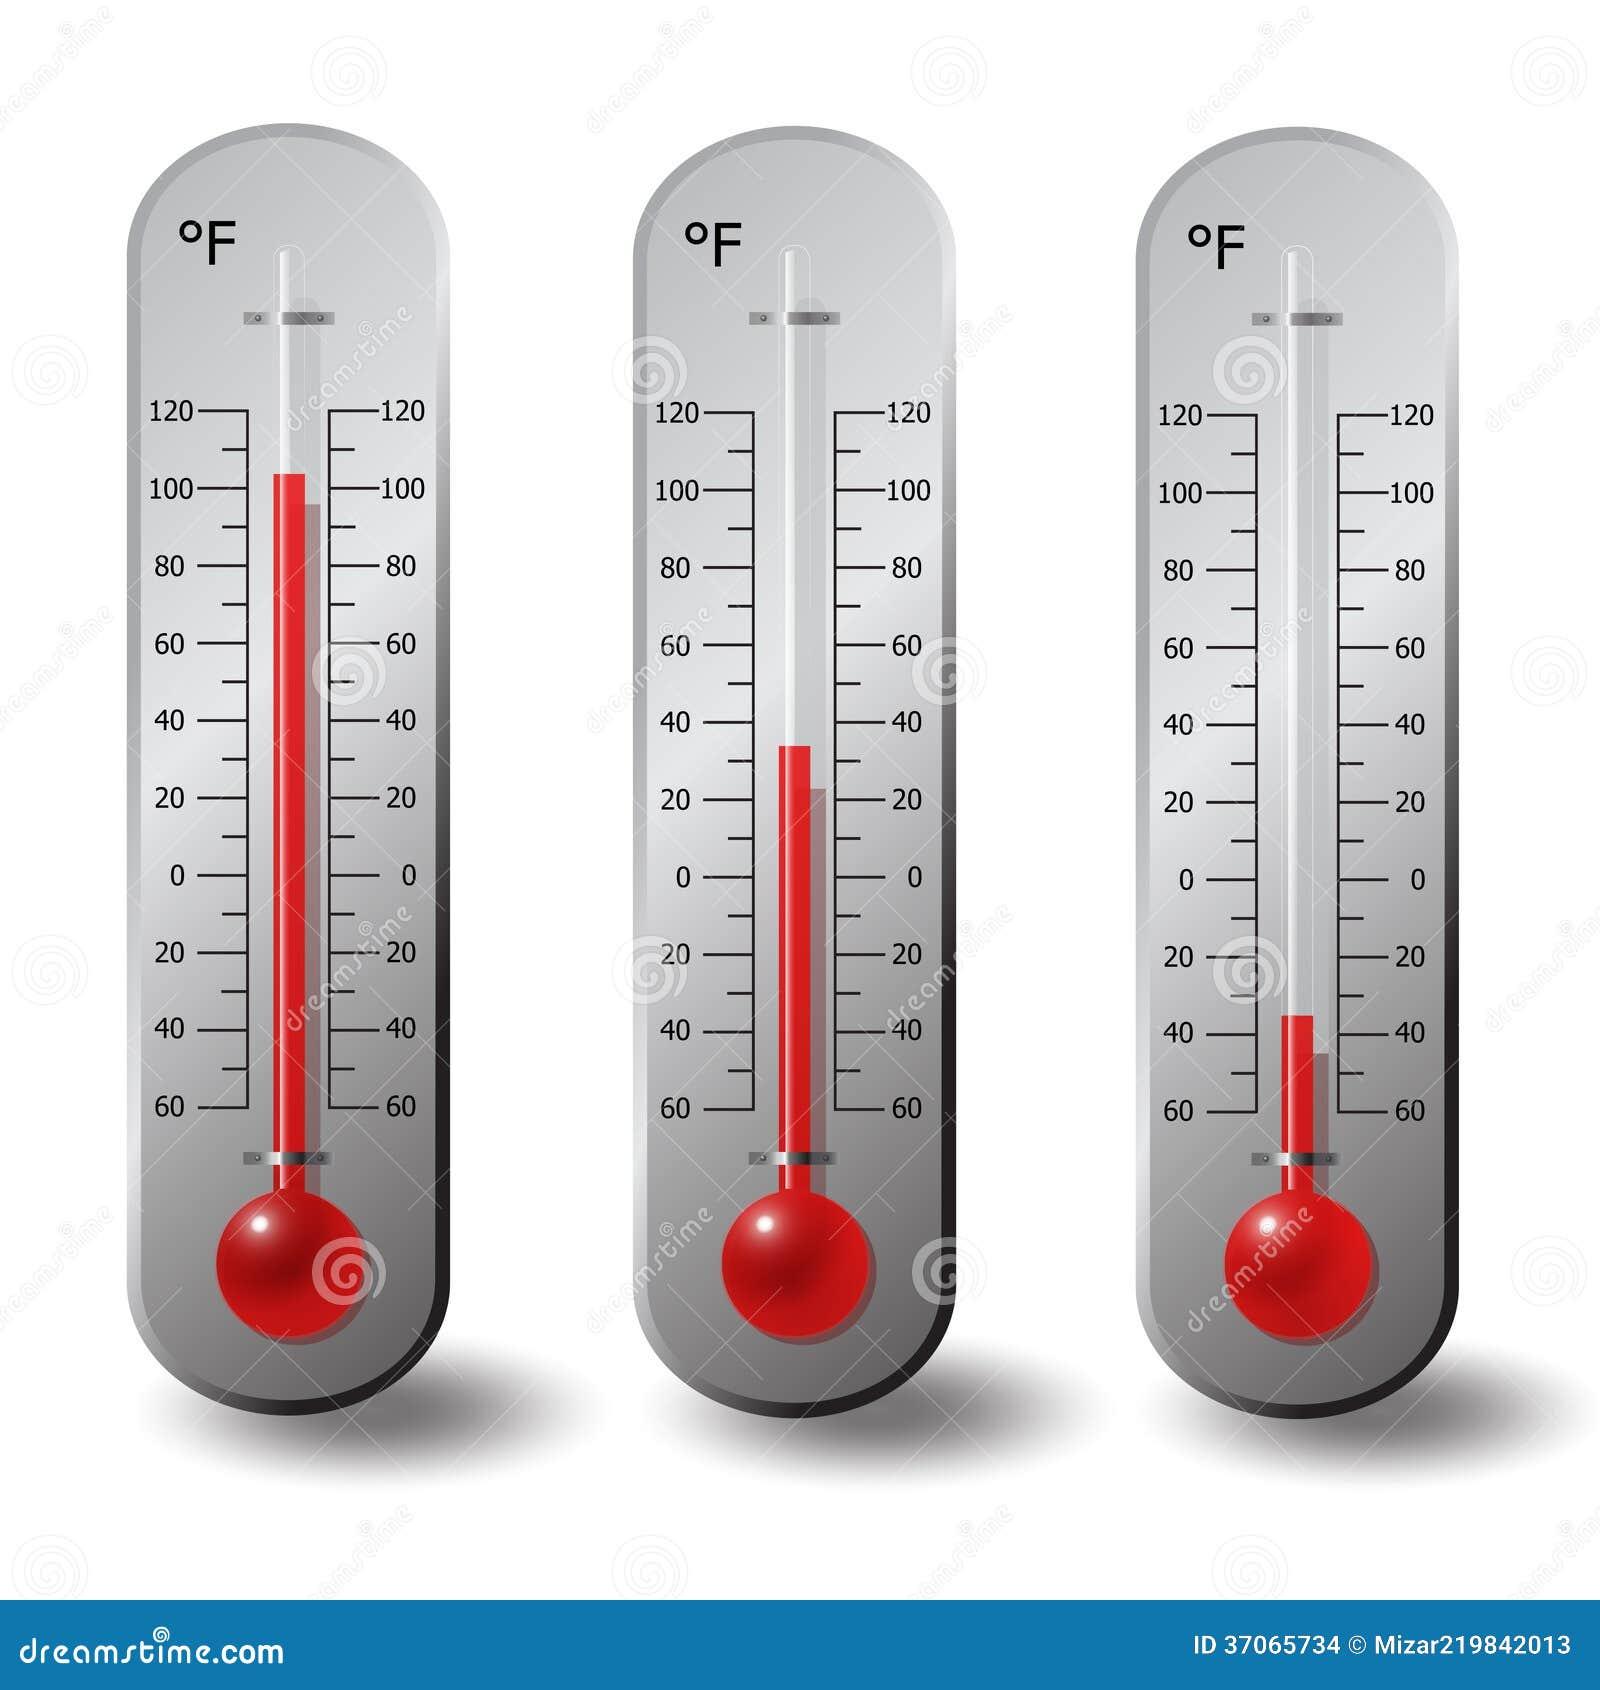 84 Fahrenheit